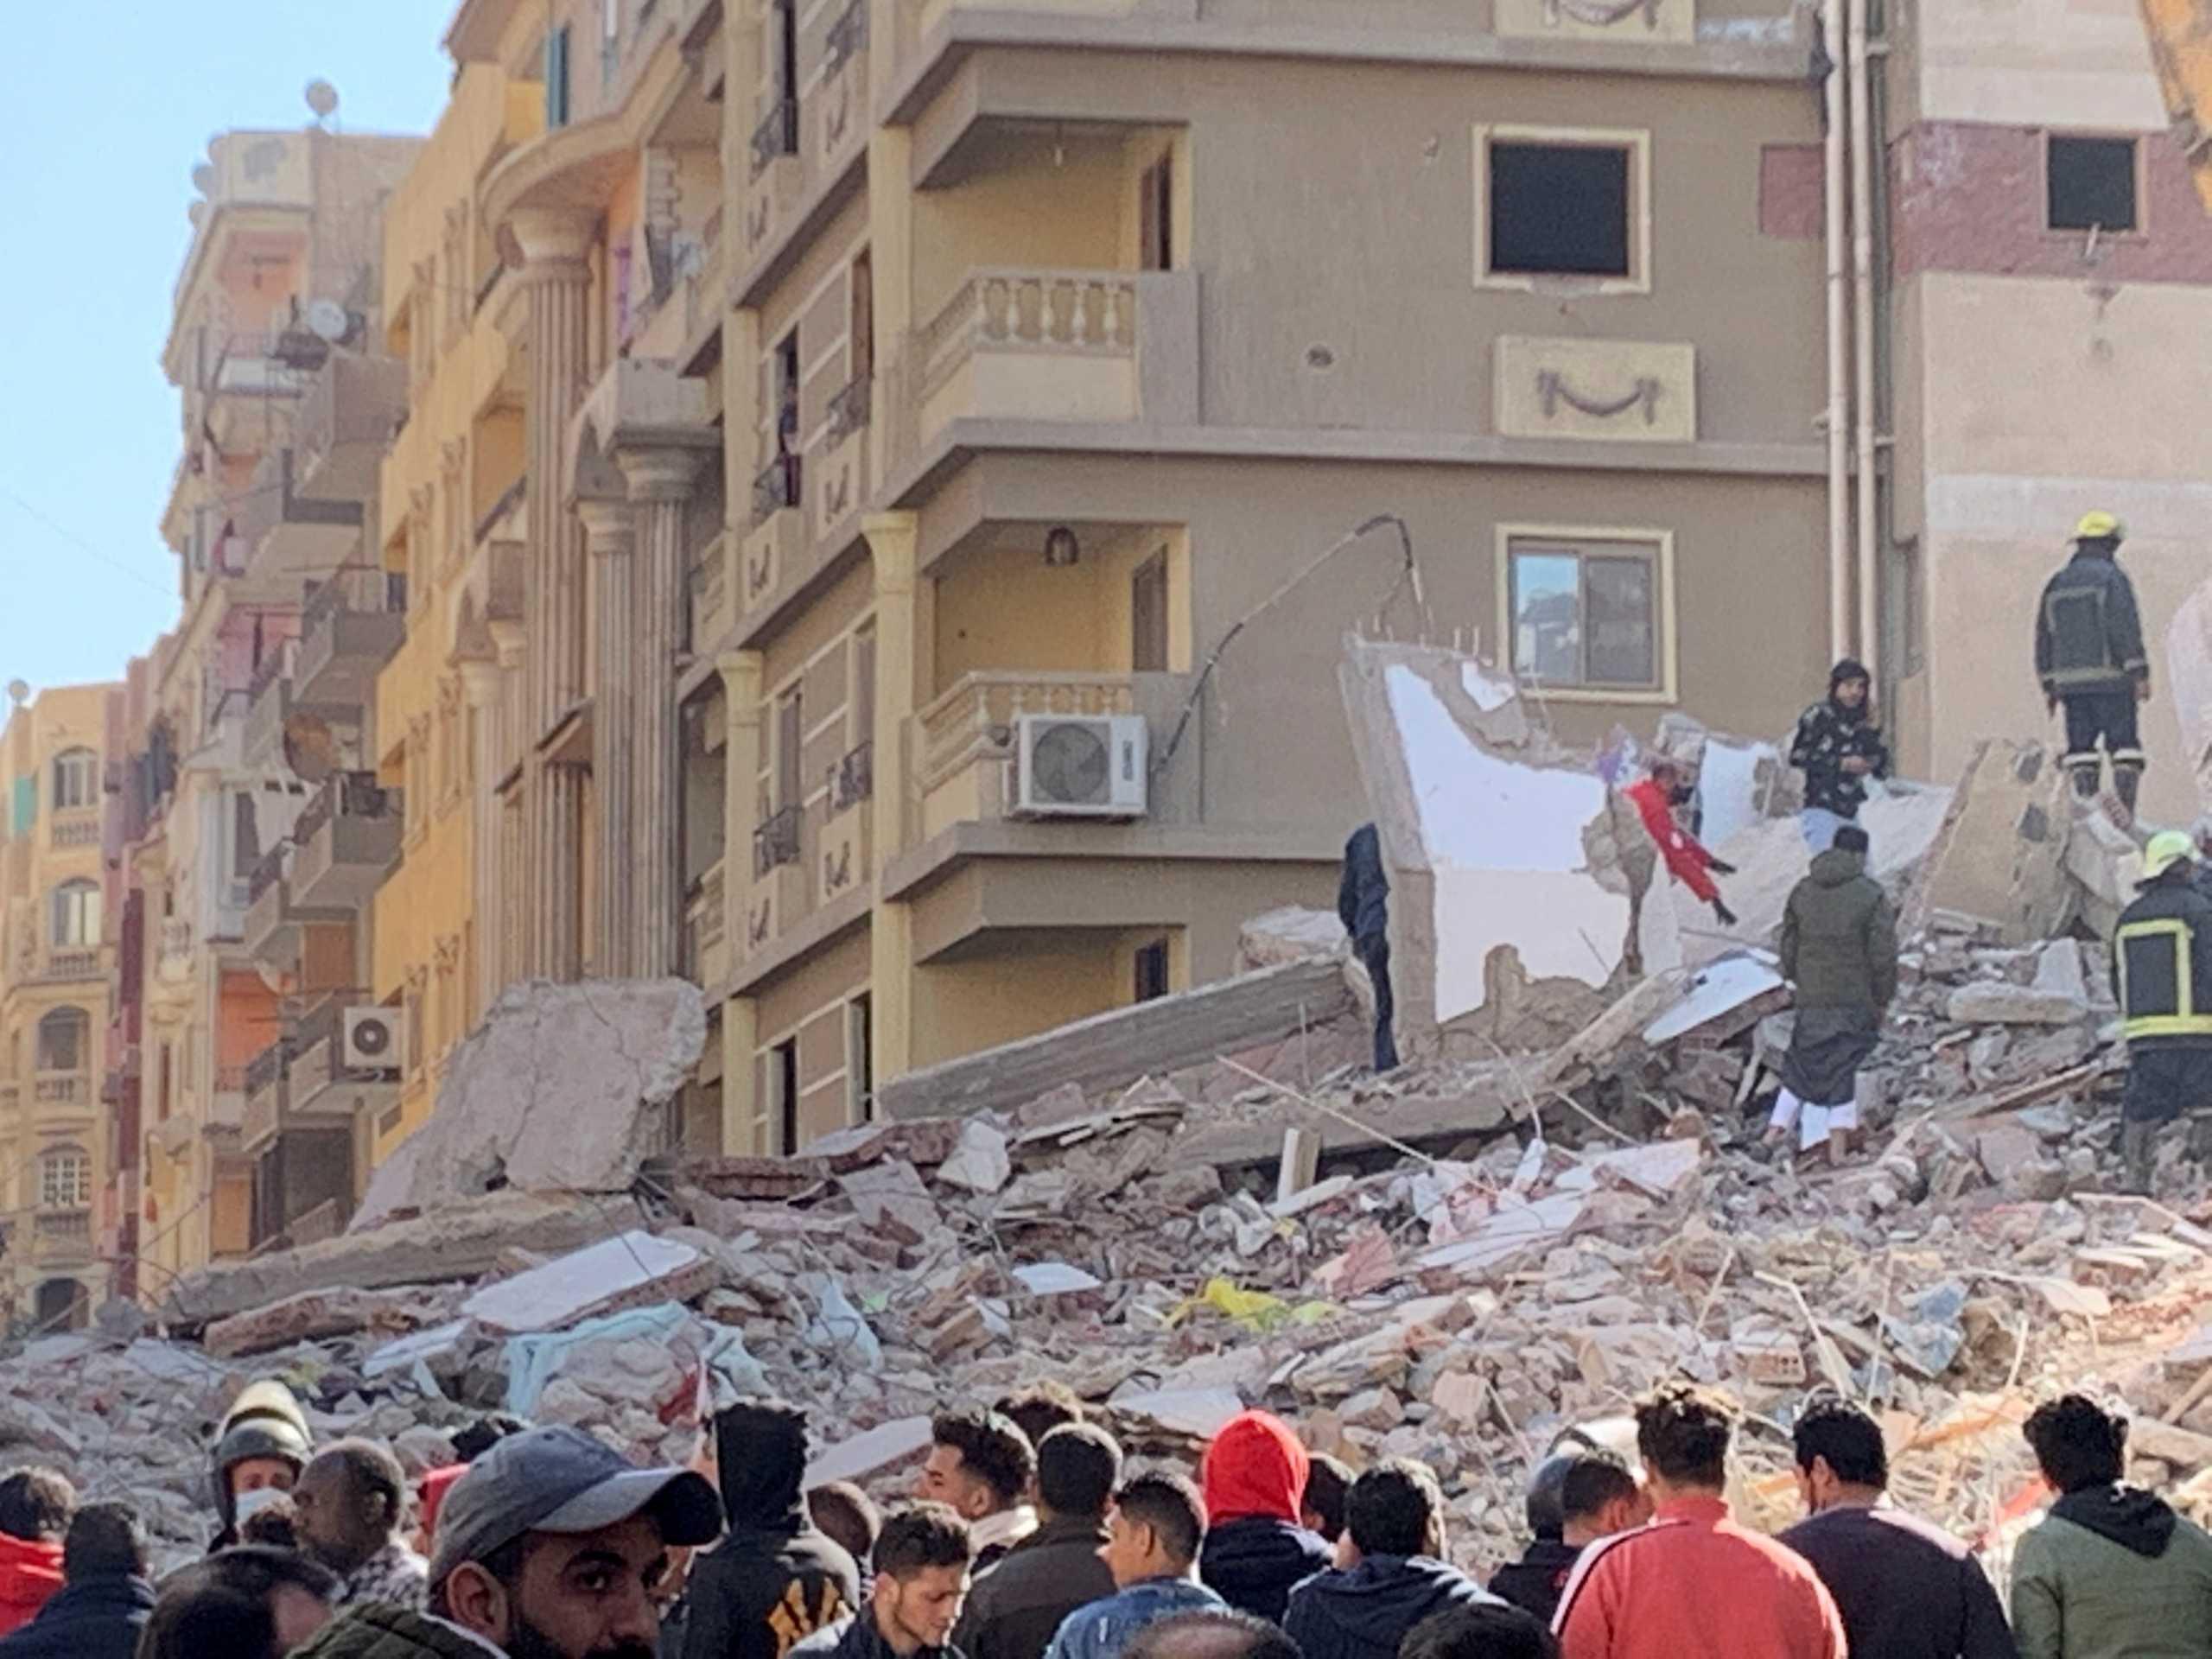 Αίγυπτος: Τραγωδία δίχως τέλος – 23 οι νεκροί από την κατάρρευση πολυκατοικίας στο Κάιρο